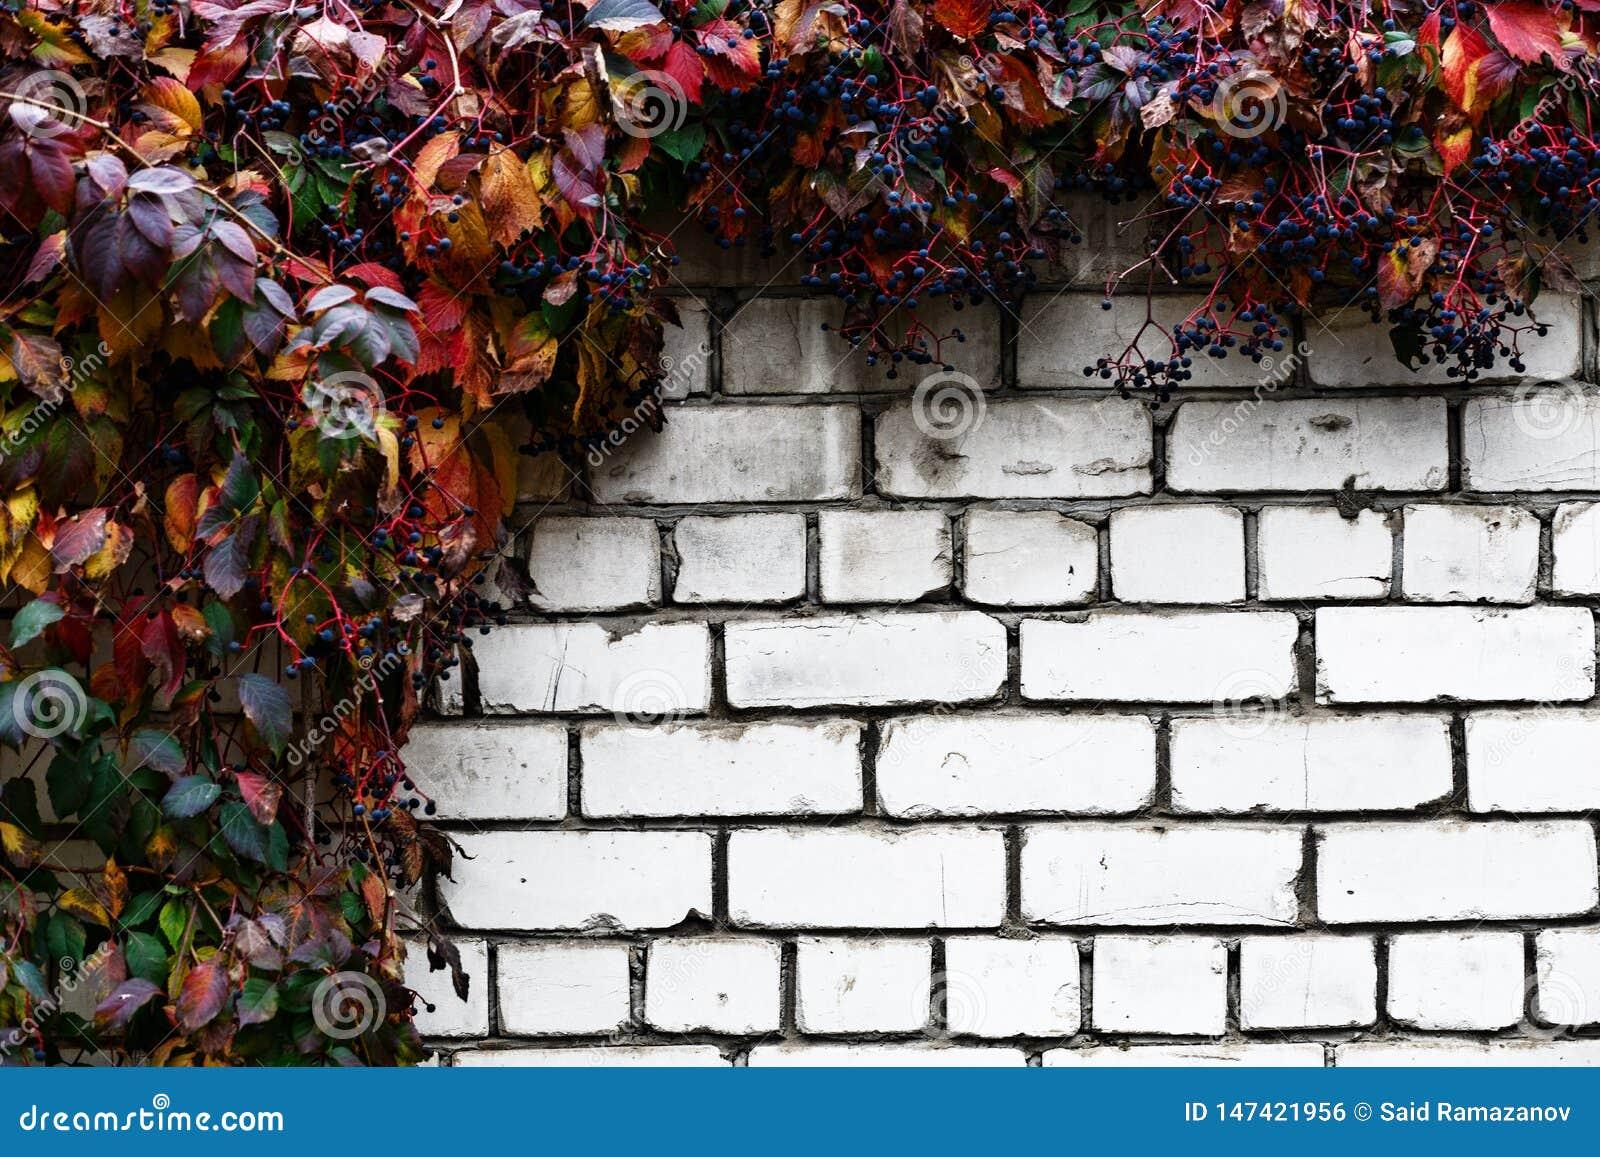 Bakstenen muur met decoratieve druiven abstracte achtergrond